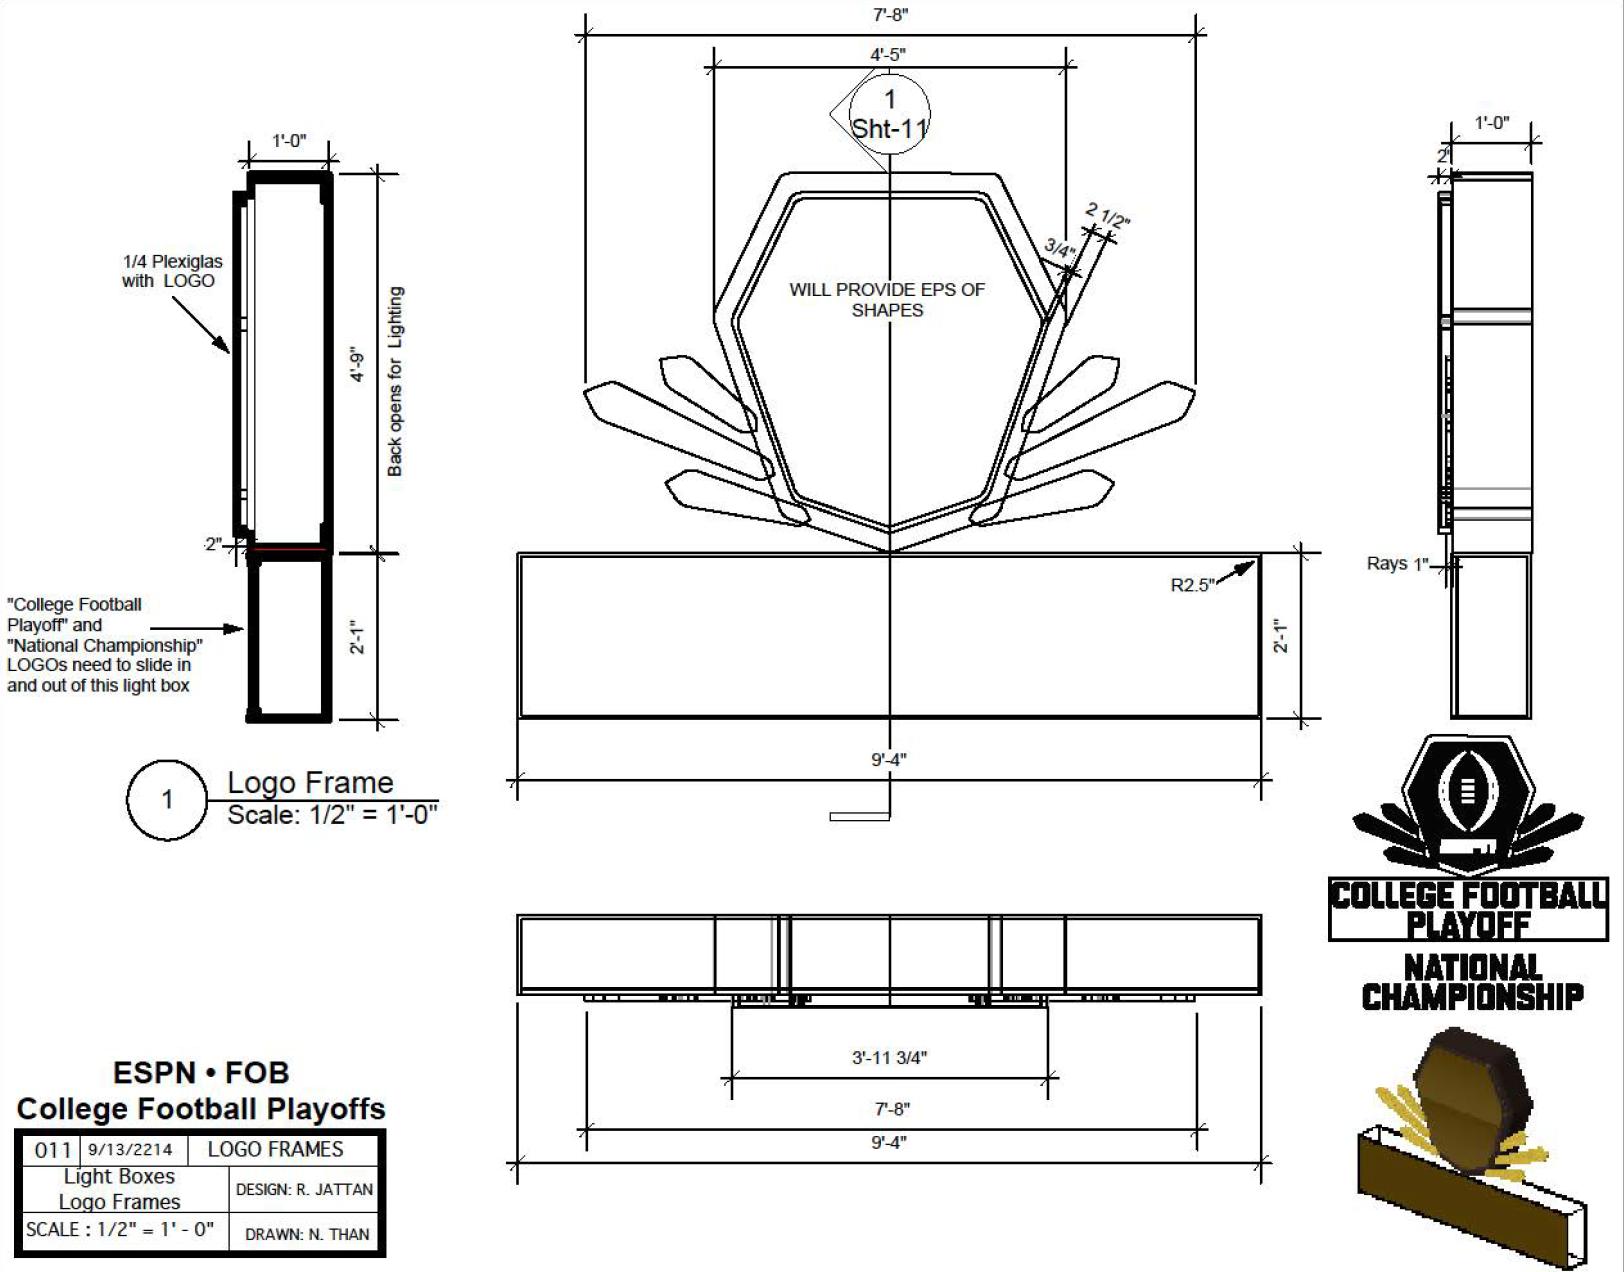 011-ESPN_FOB_Rev6-LOGO Frames(lightboxes)